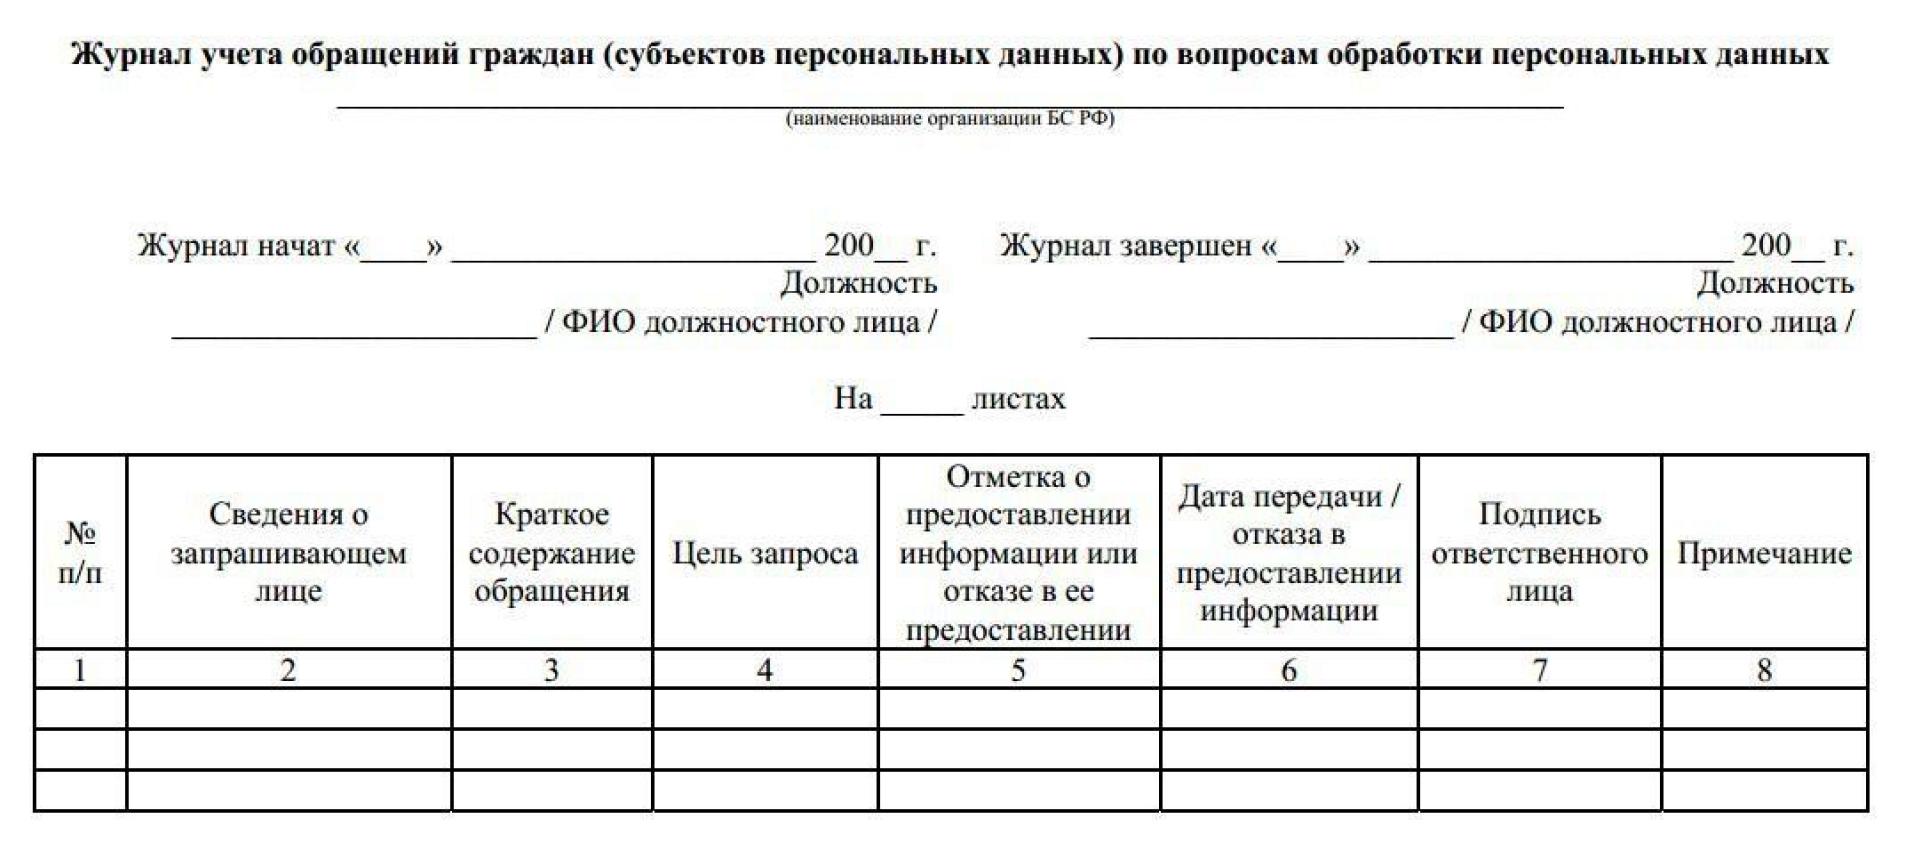 Журнал обращения регистрации граждан временная регистрация в банк